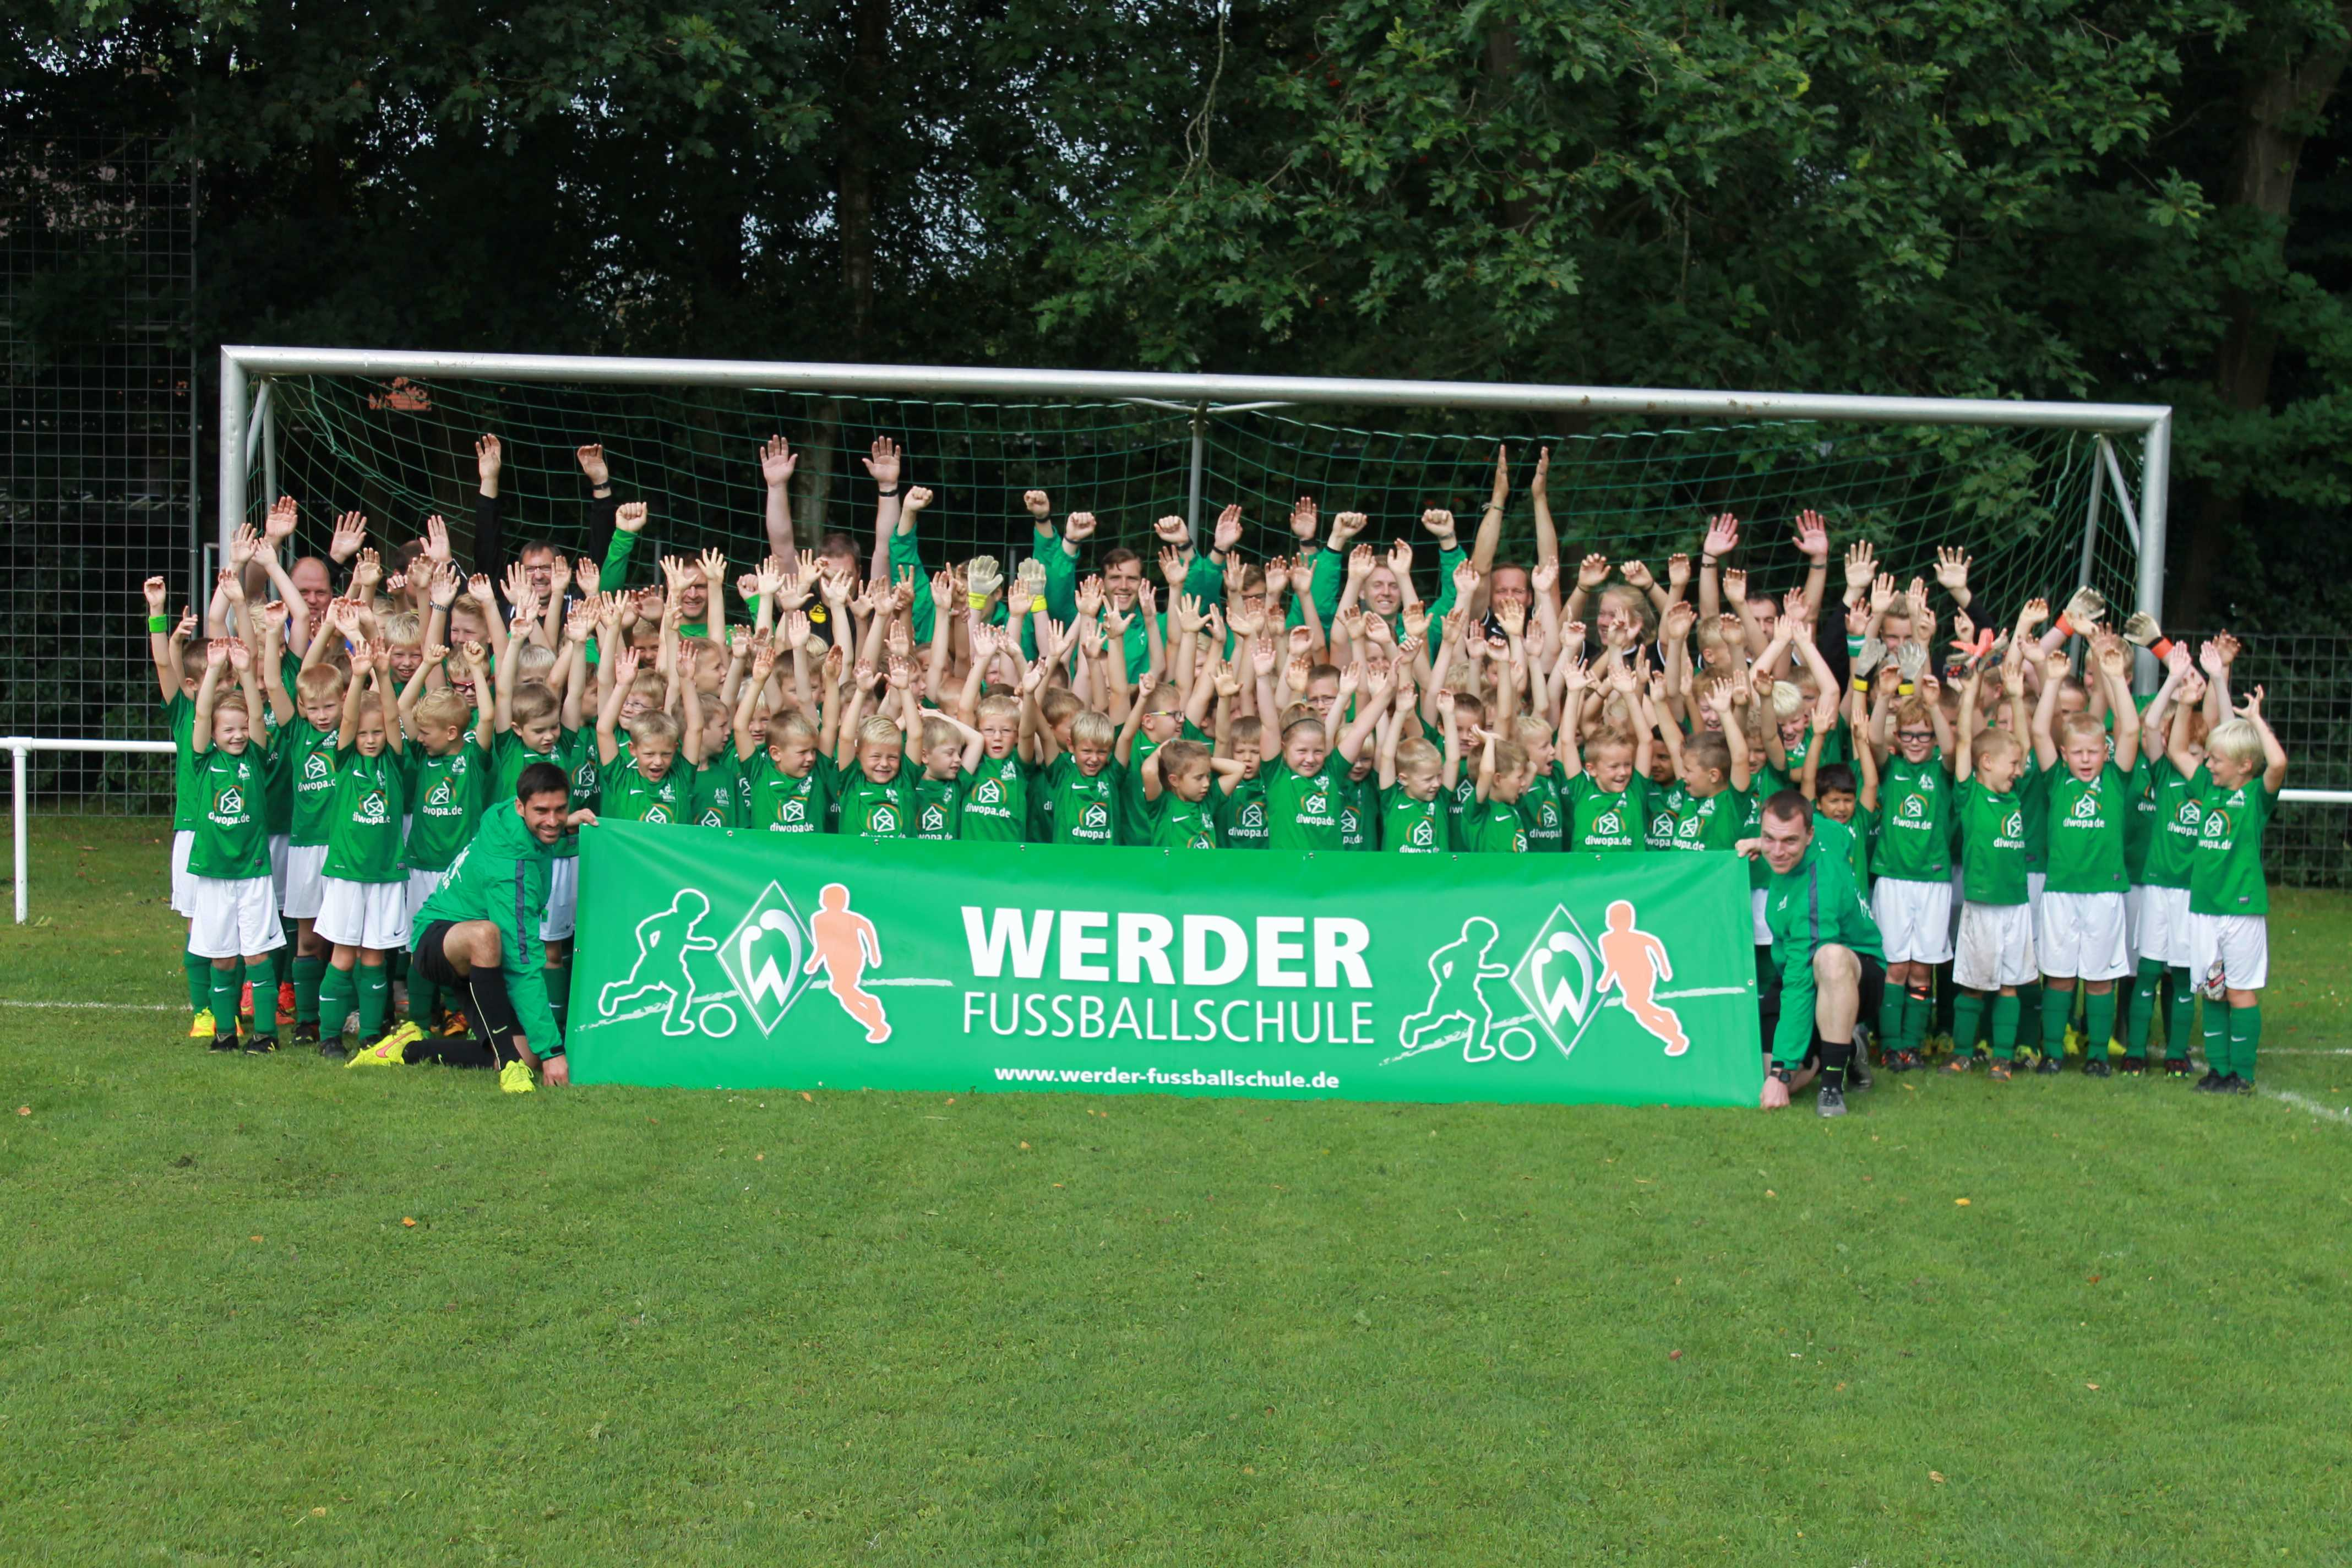 2016-08-13 Werder CAMPontour - Samstag (7)